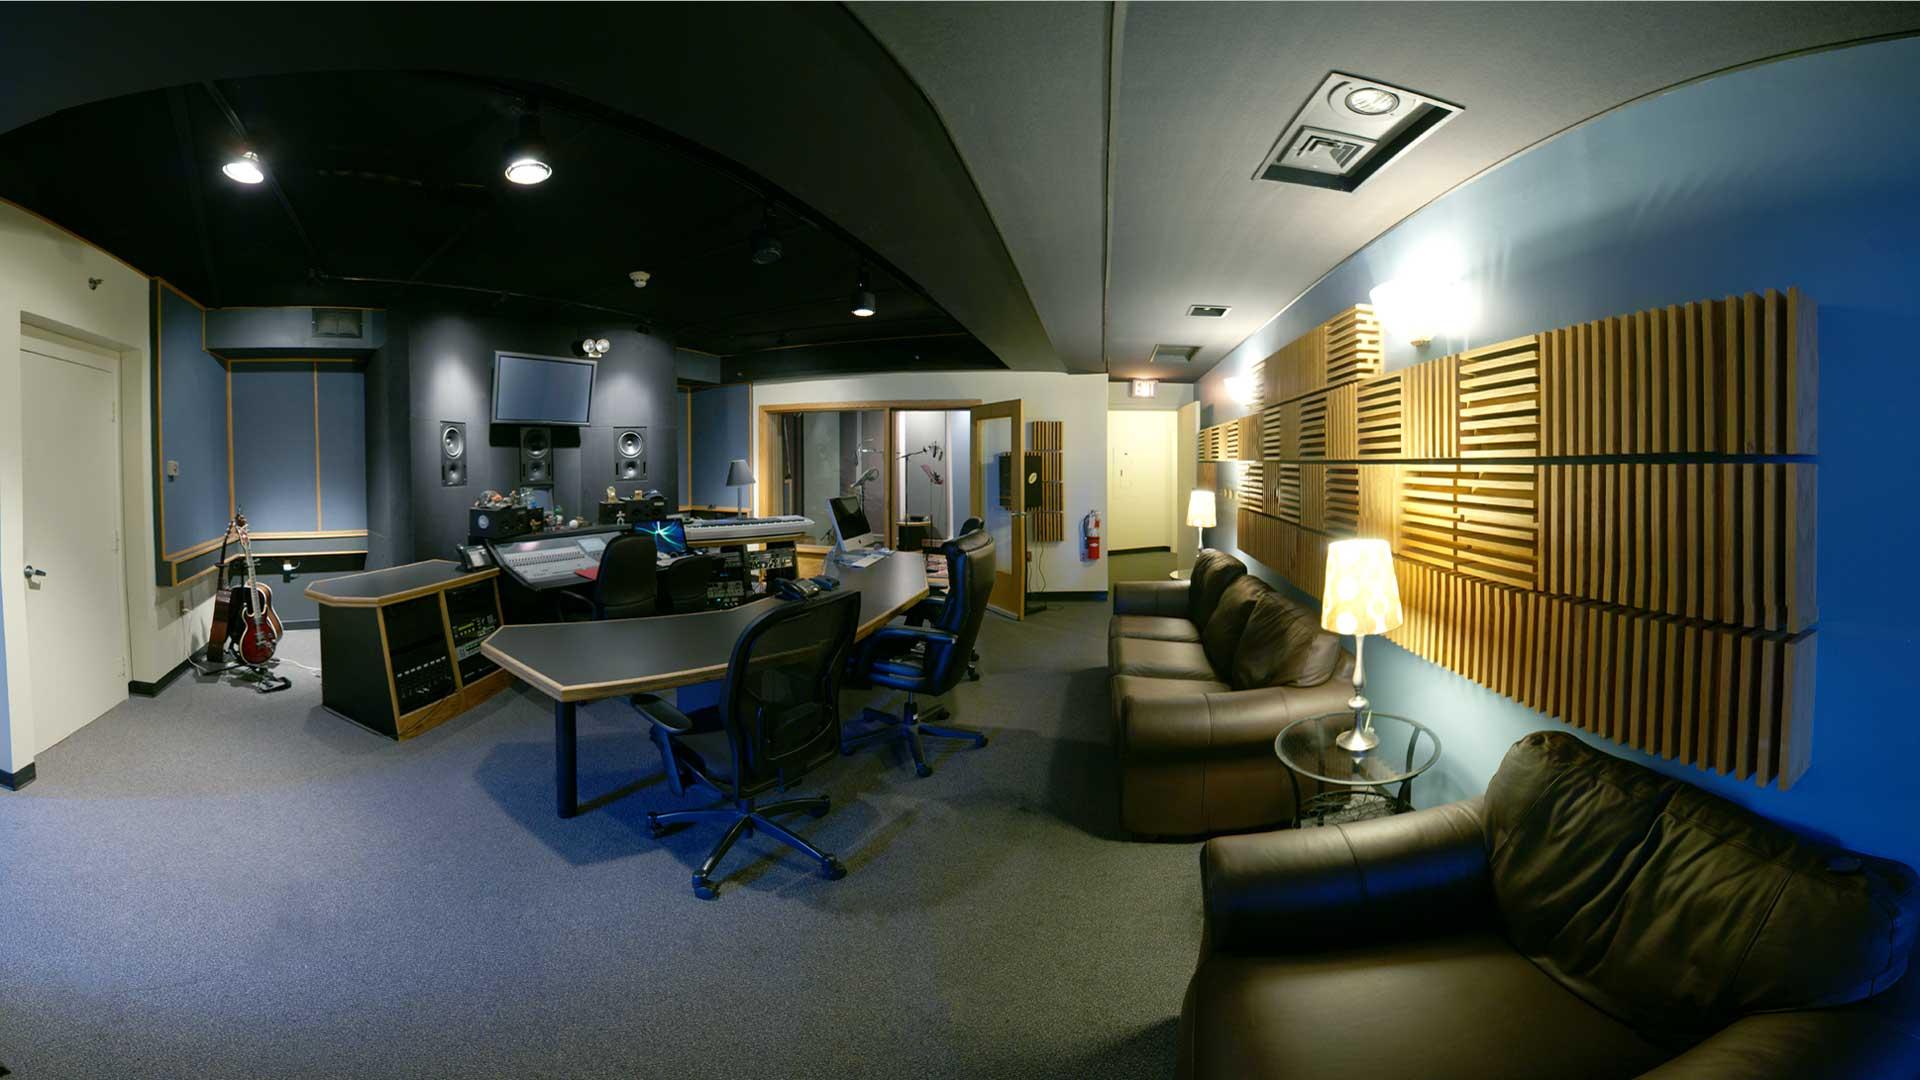 Studio E Control Room